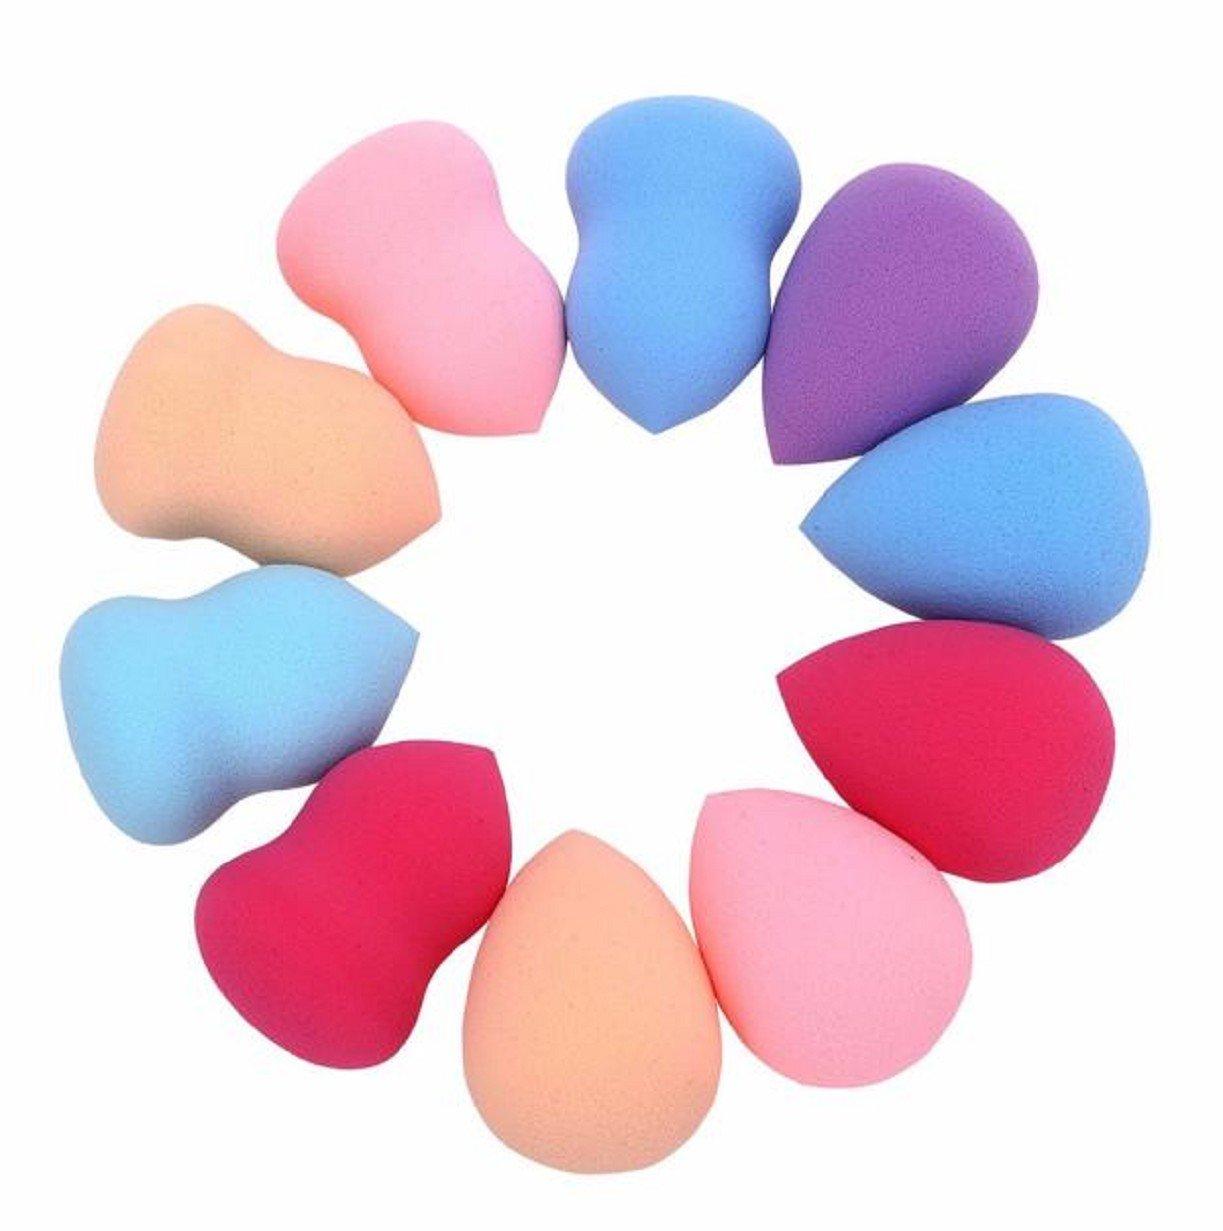 Sponges Puff, Vovotrade 10PCS Pro Beauty Makeup Blender Foundation Puff Multi Shape Sponges (10pc)